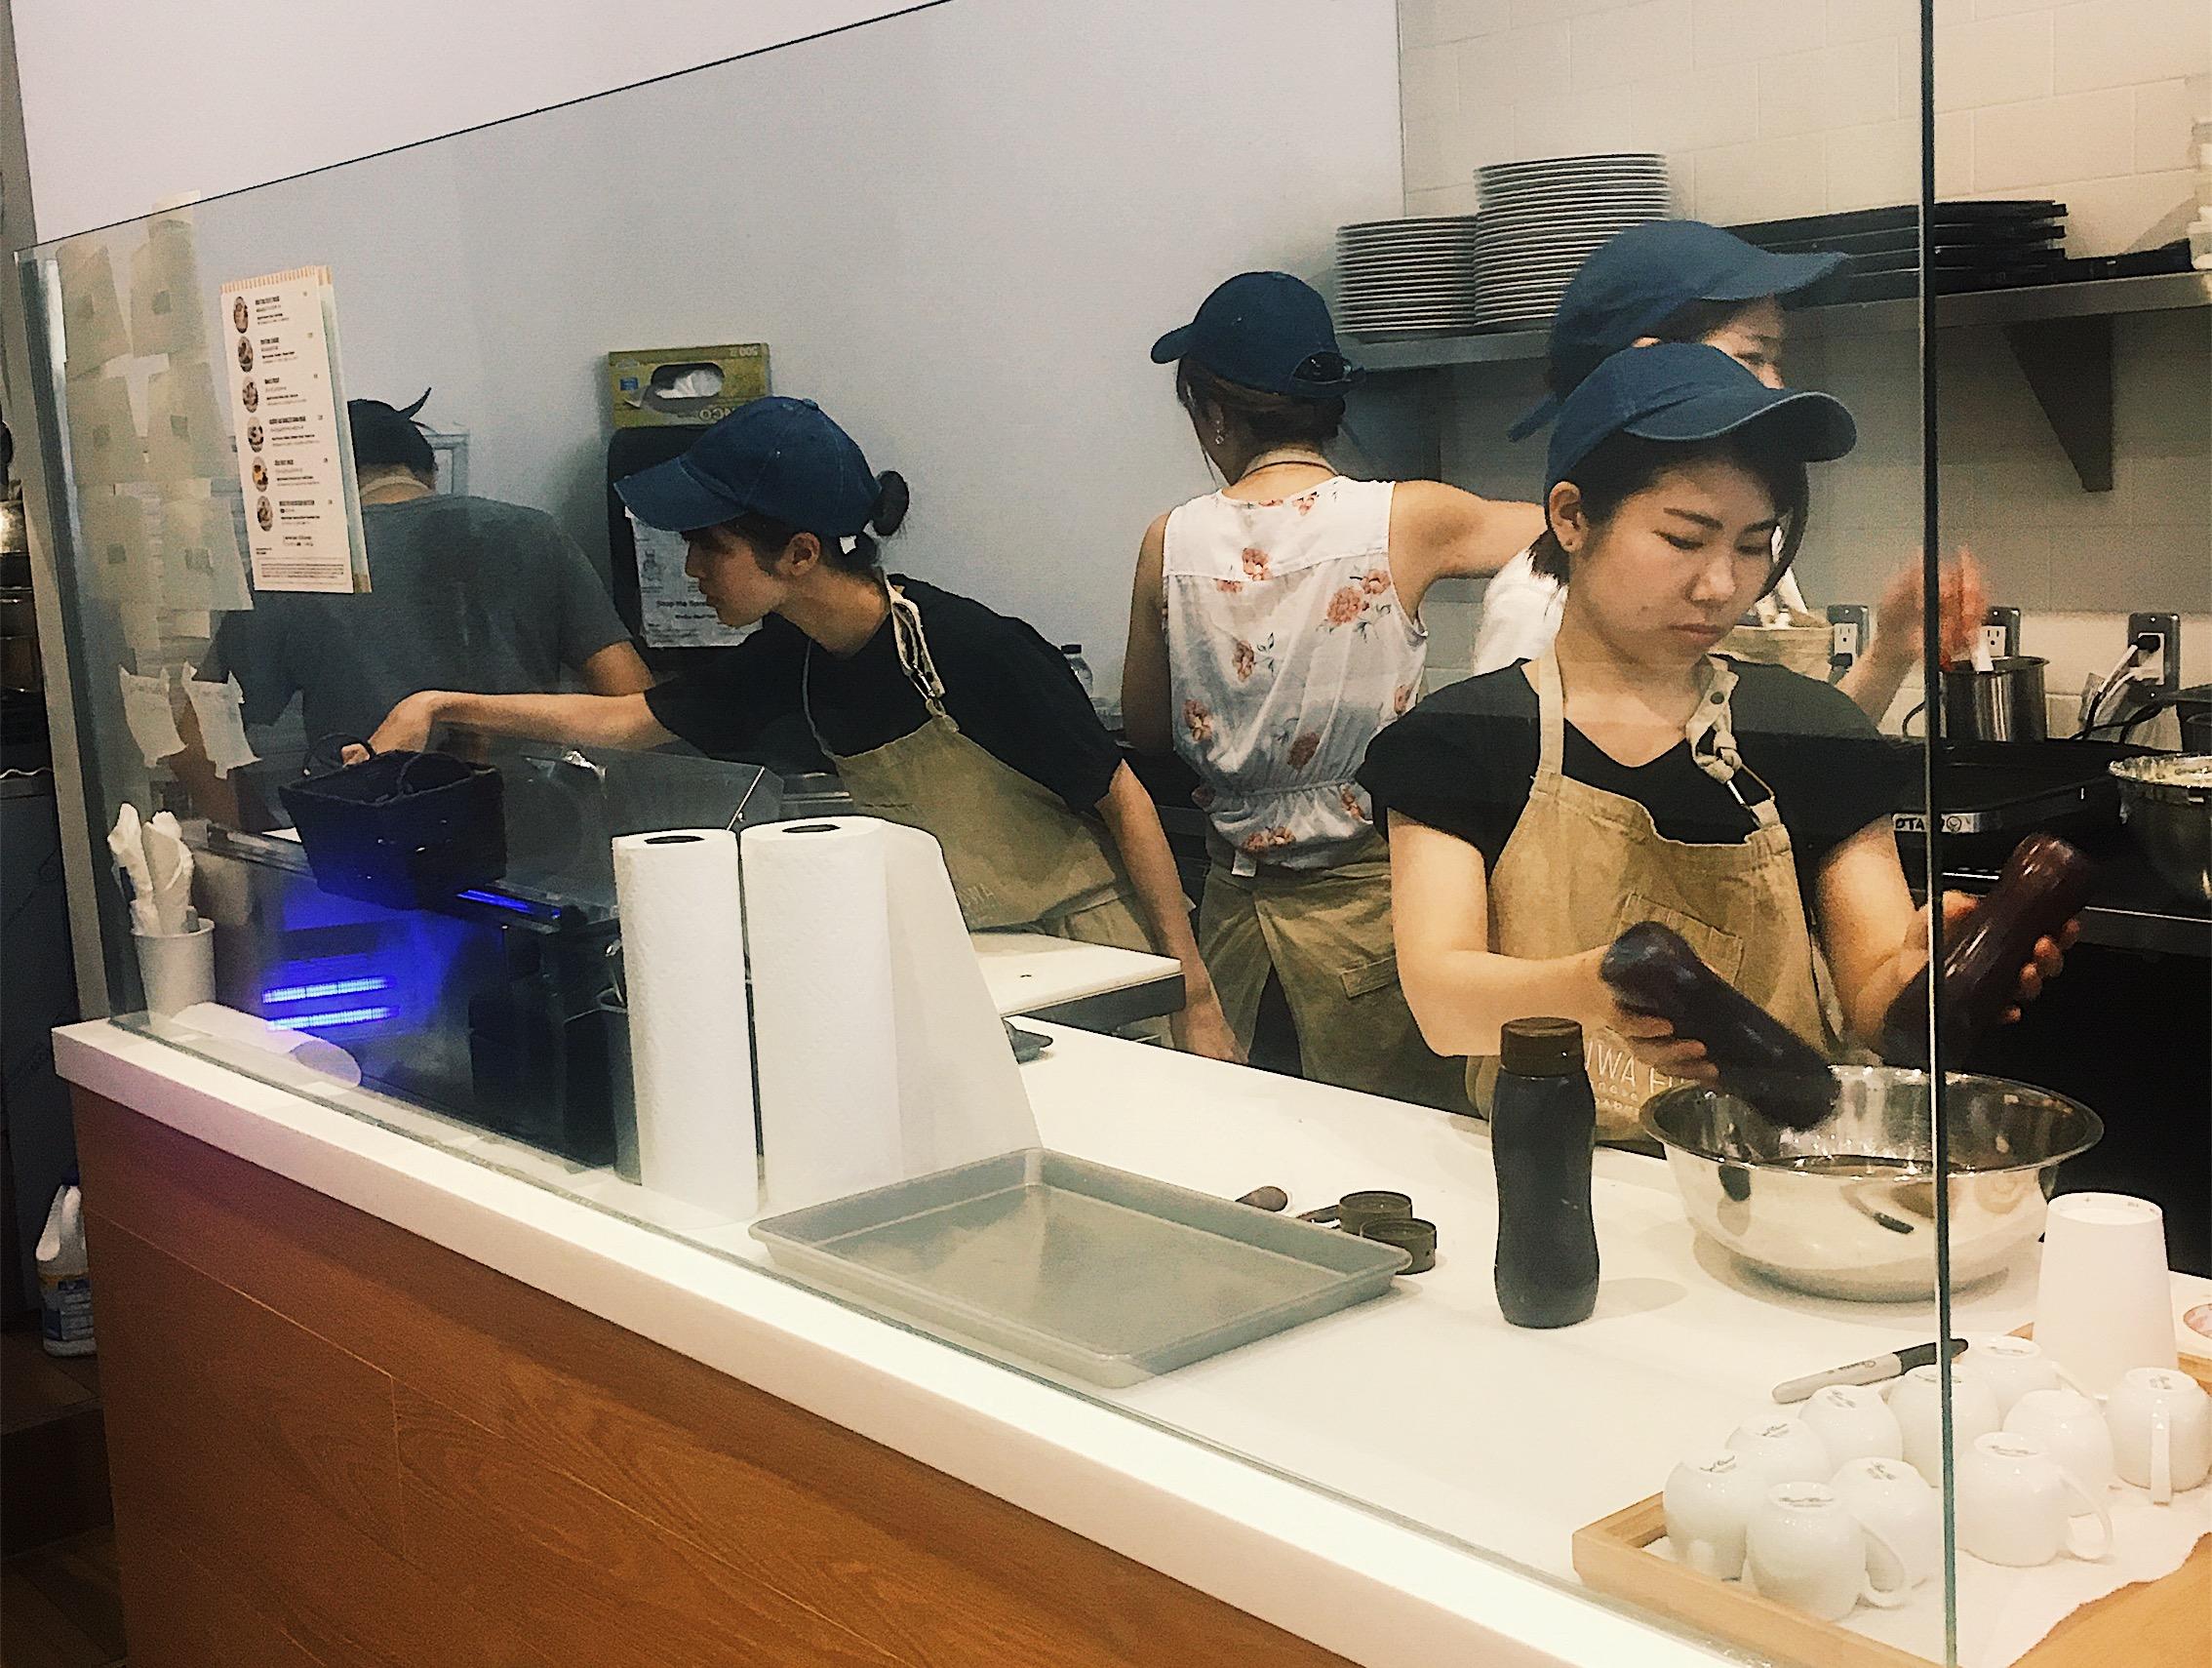 fuwa fuwa pancakes